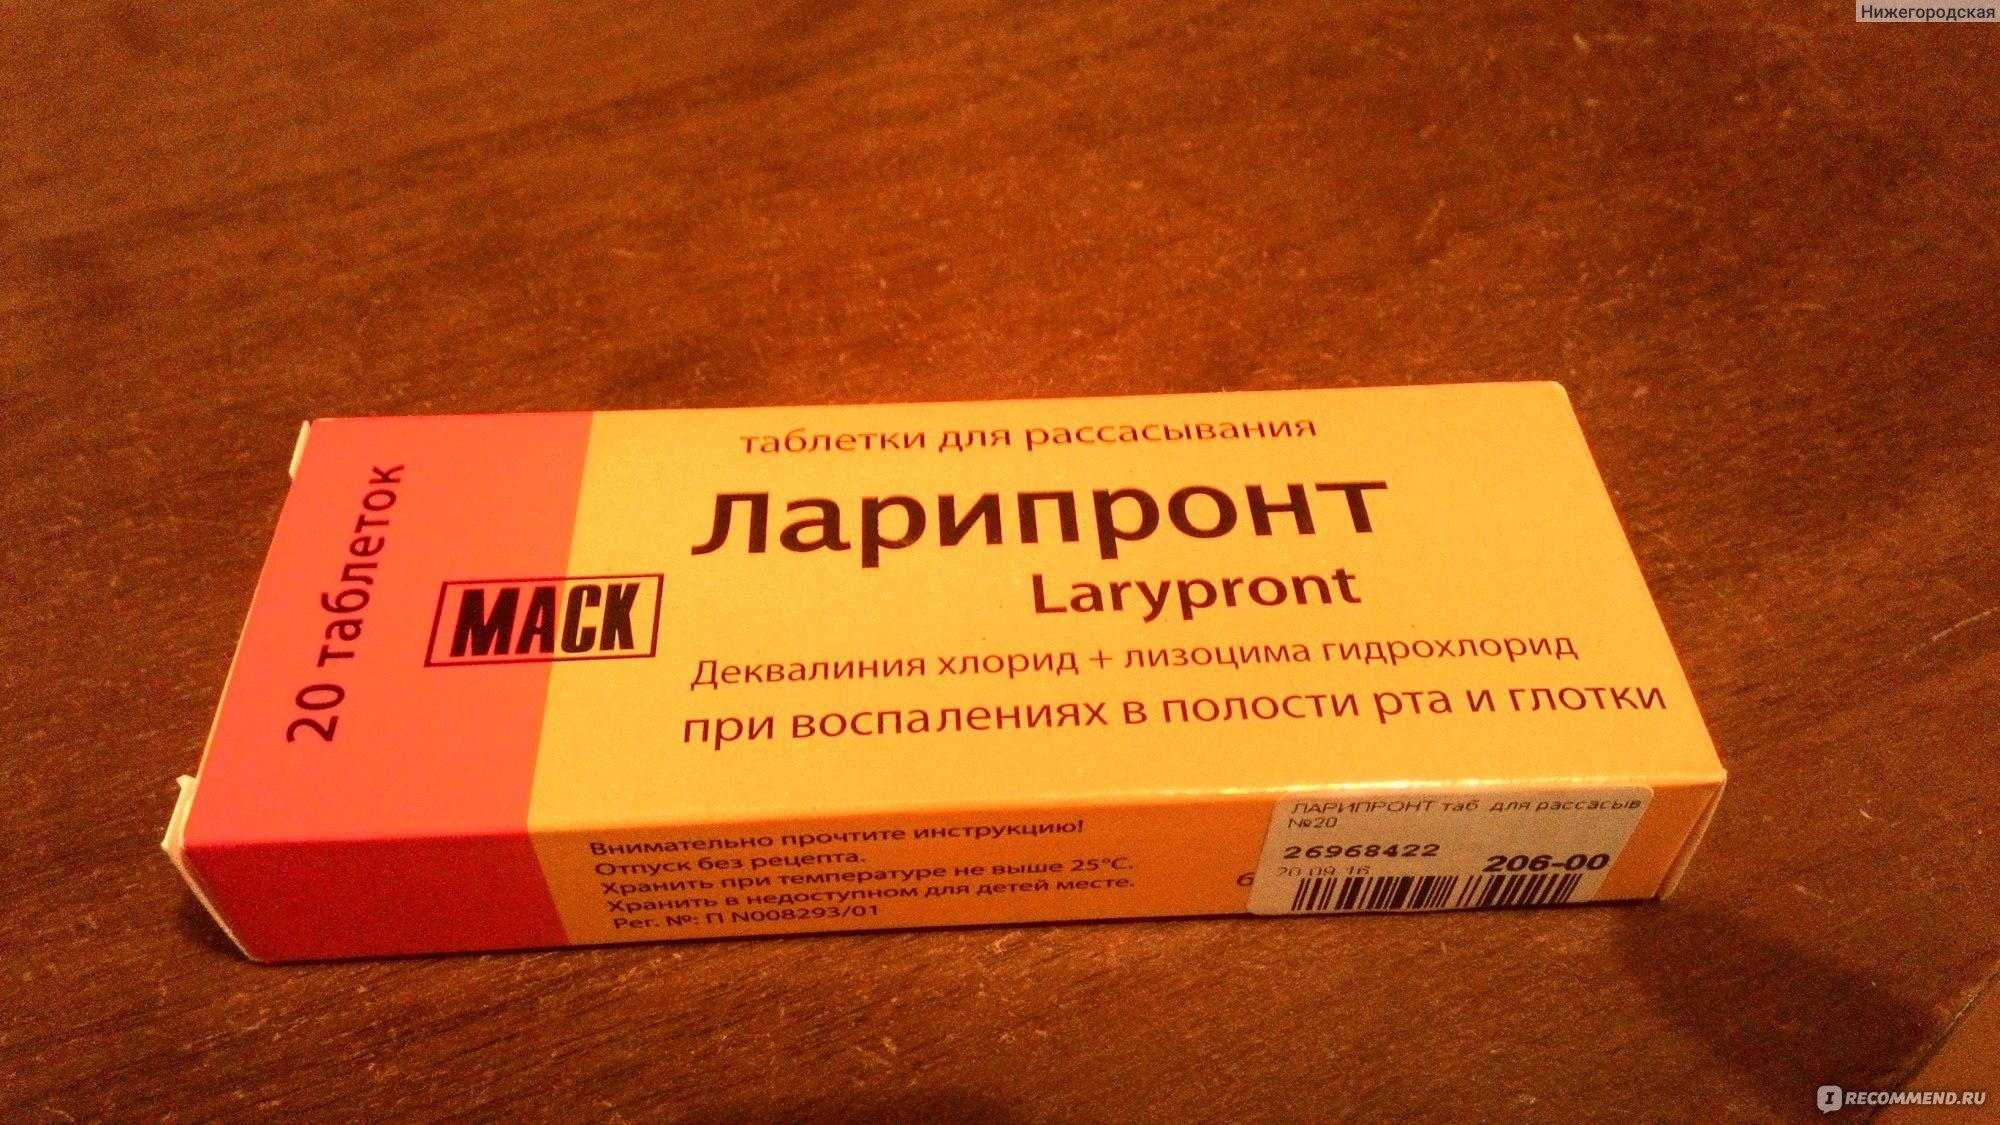 Ларипронт - инструкция по применению, показания, дозировка для детей и взрослых, побочные эффекты и аналоги